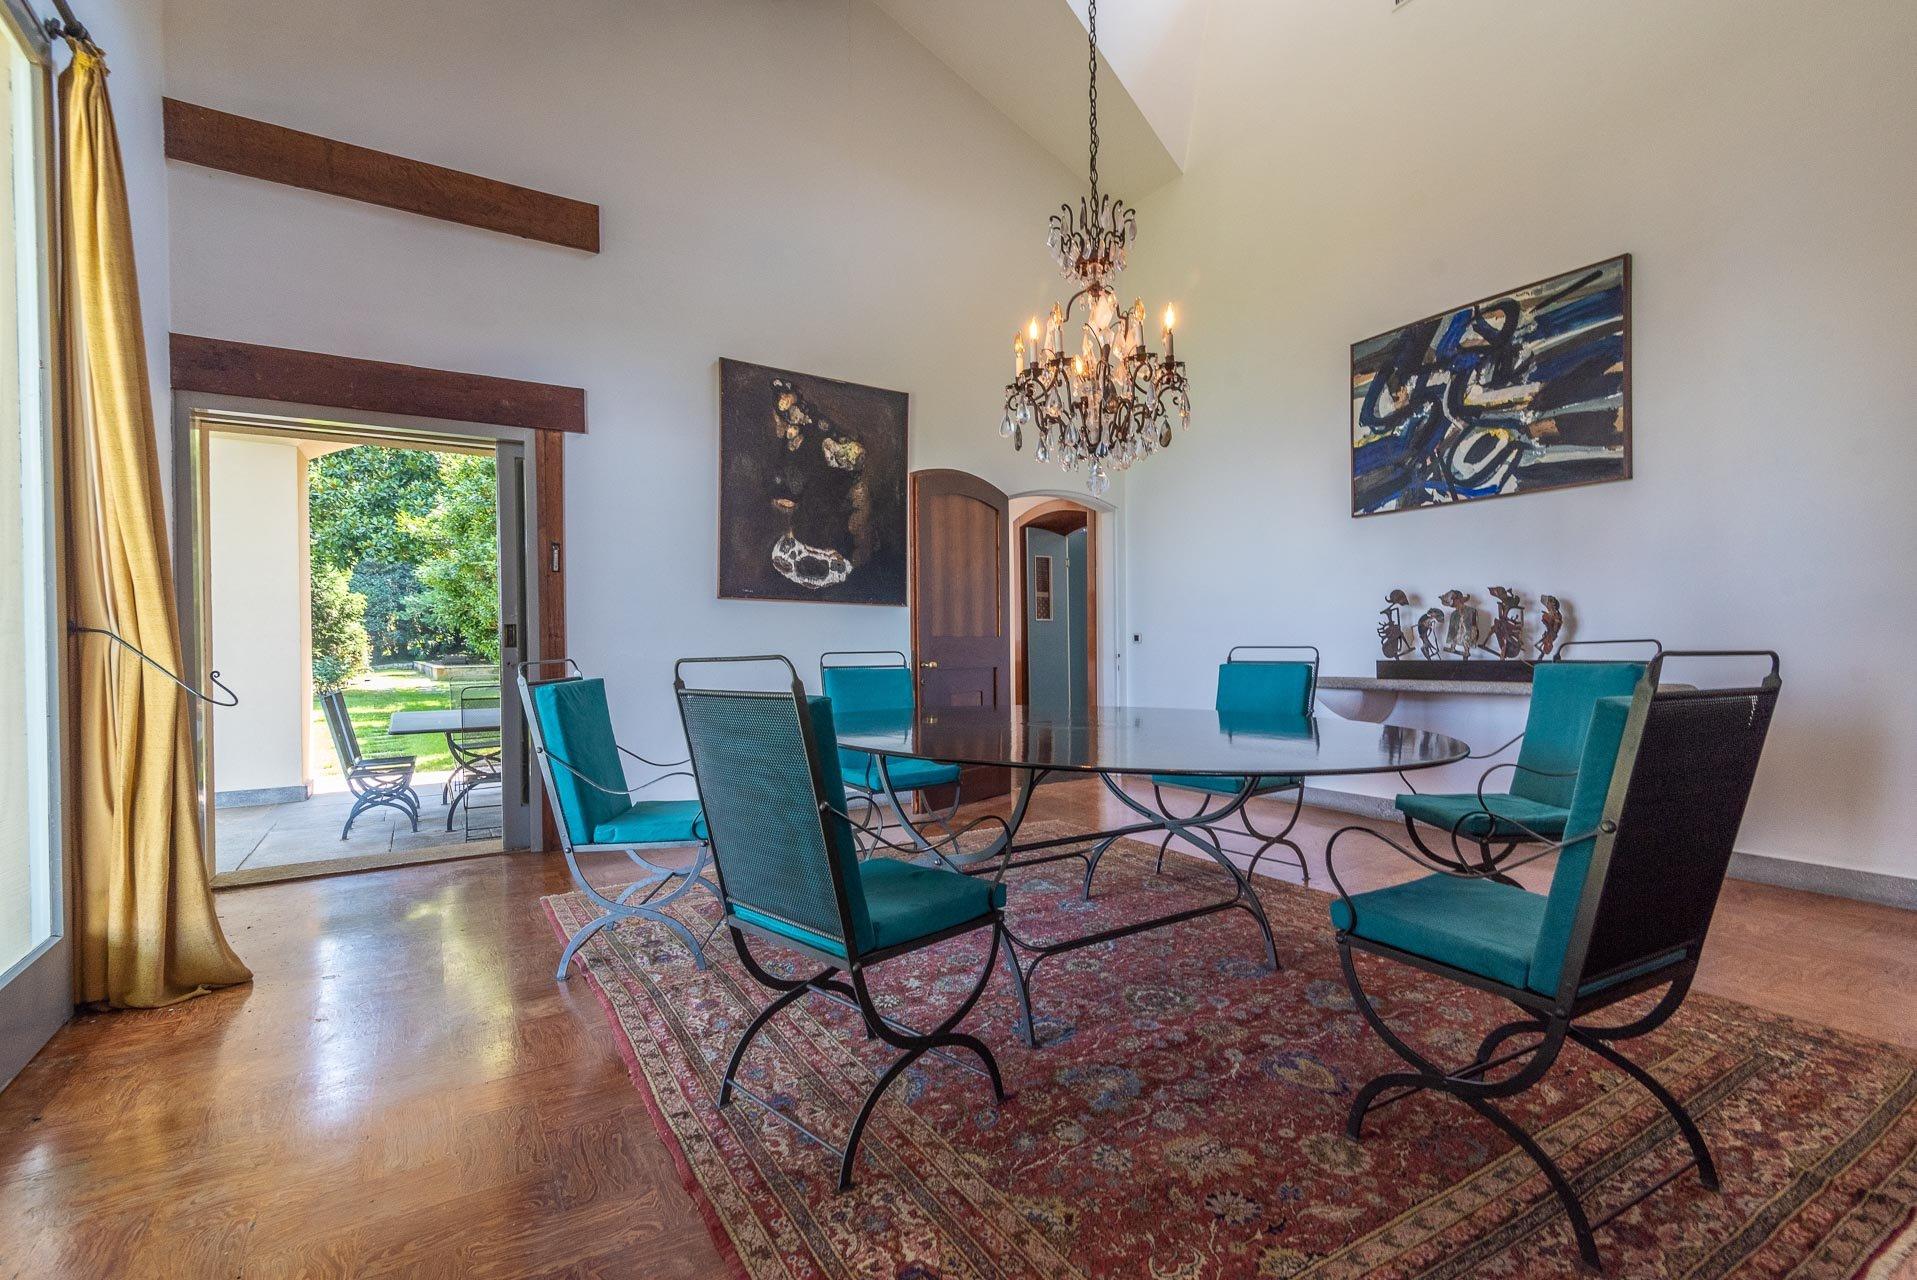 Elegant lake view villa for sale in Stresa - dining room